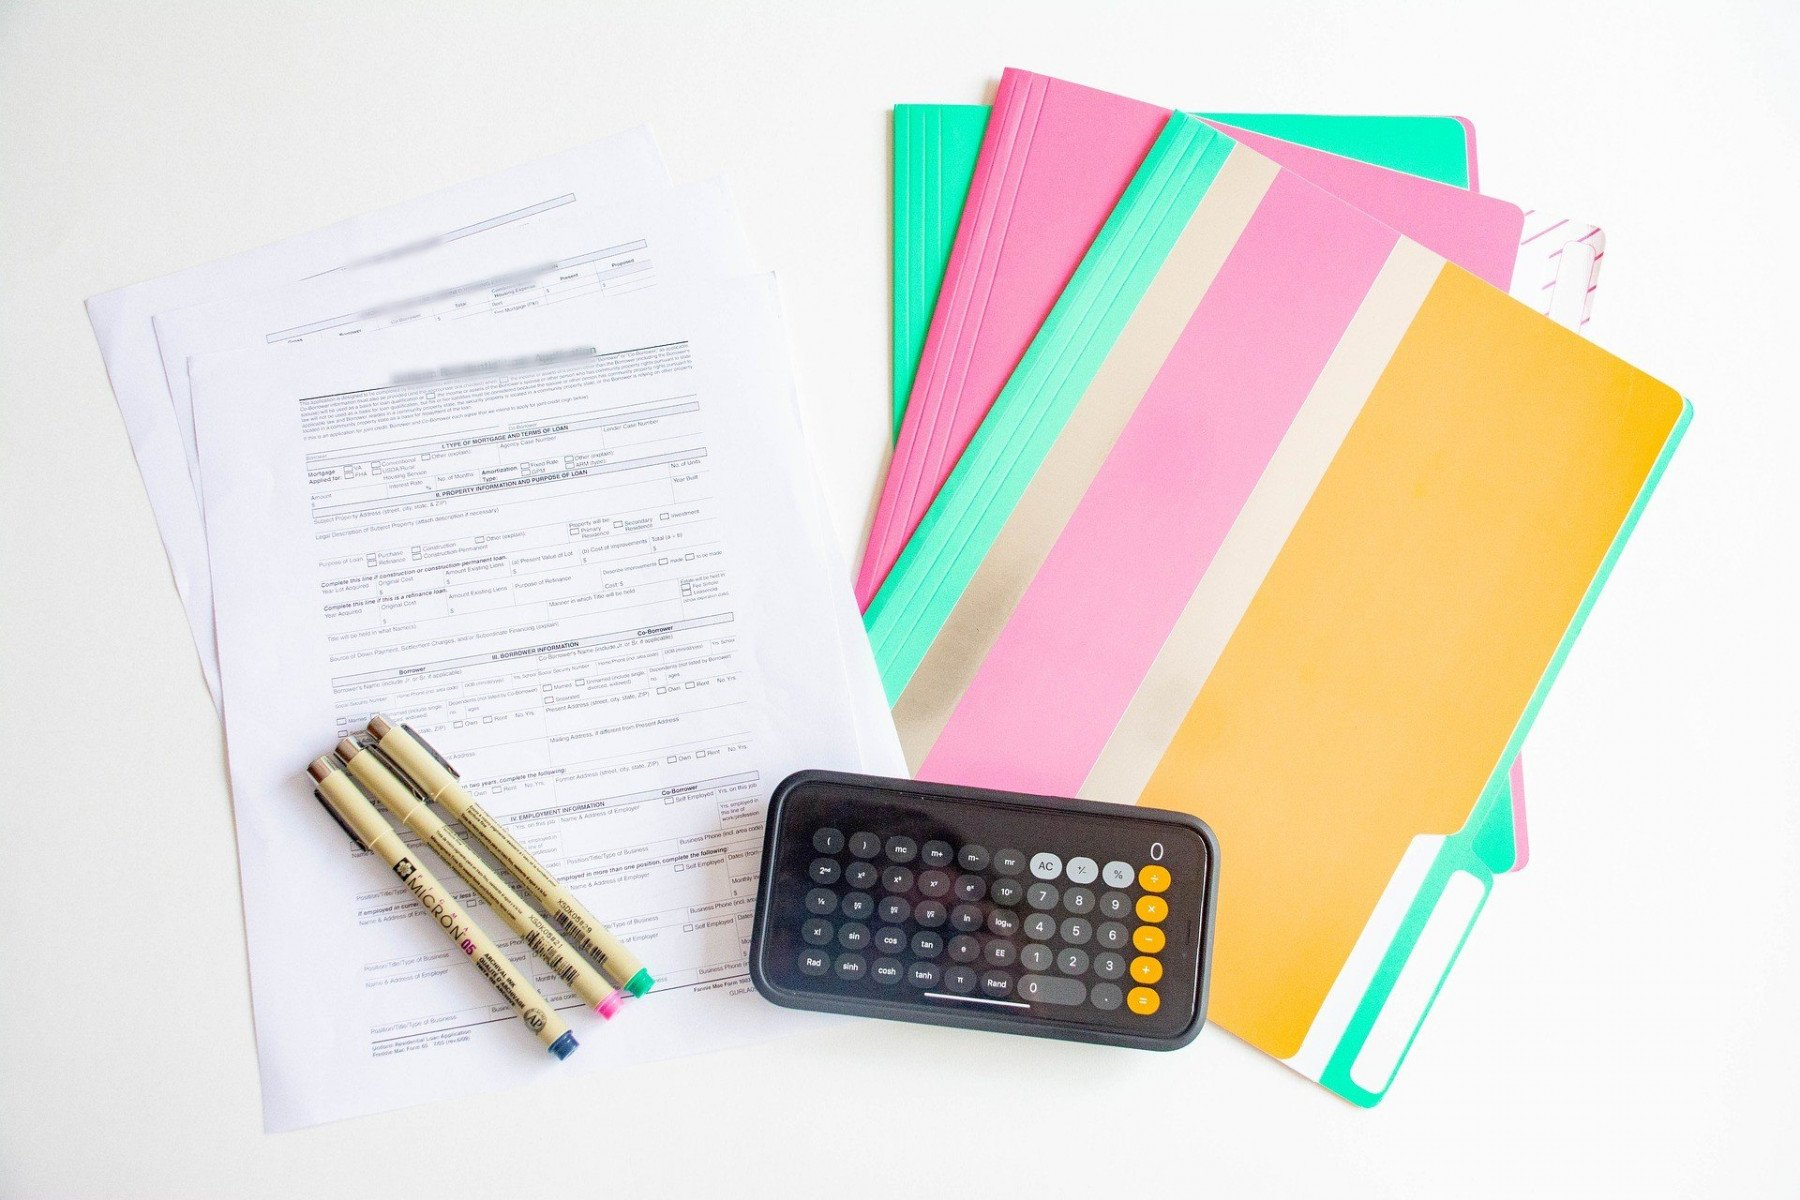 Avtal, pärmar och pennor ligger på ett bord med en mobil